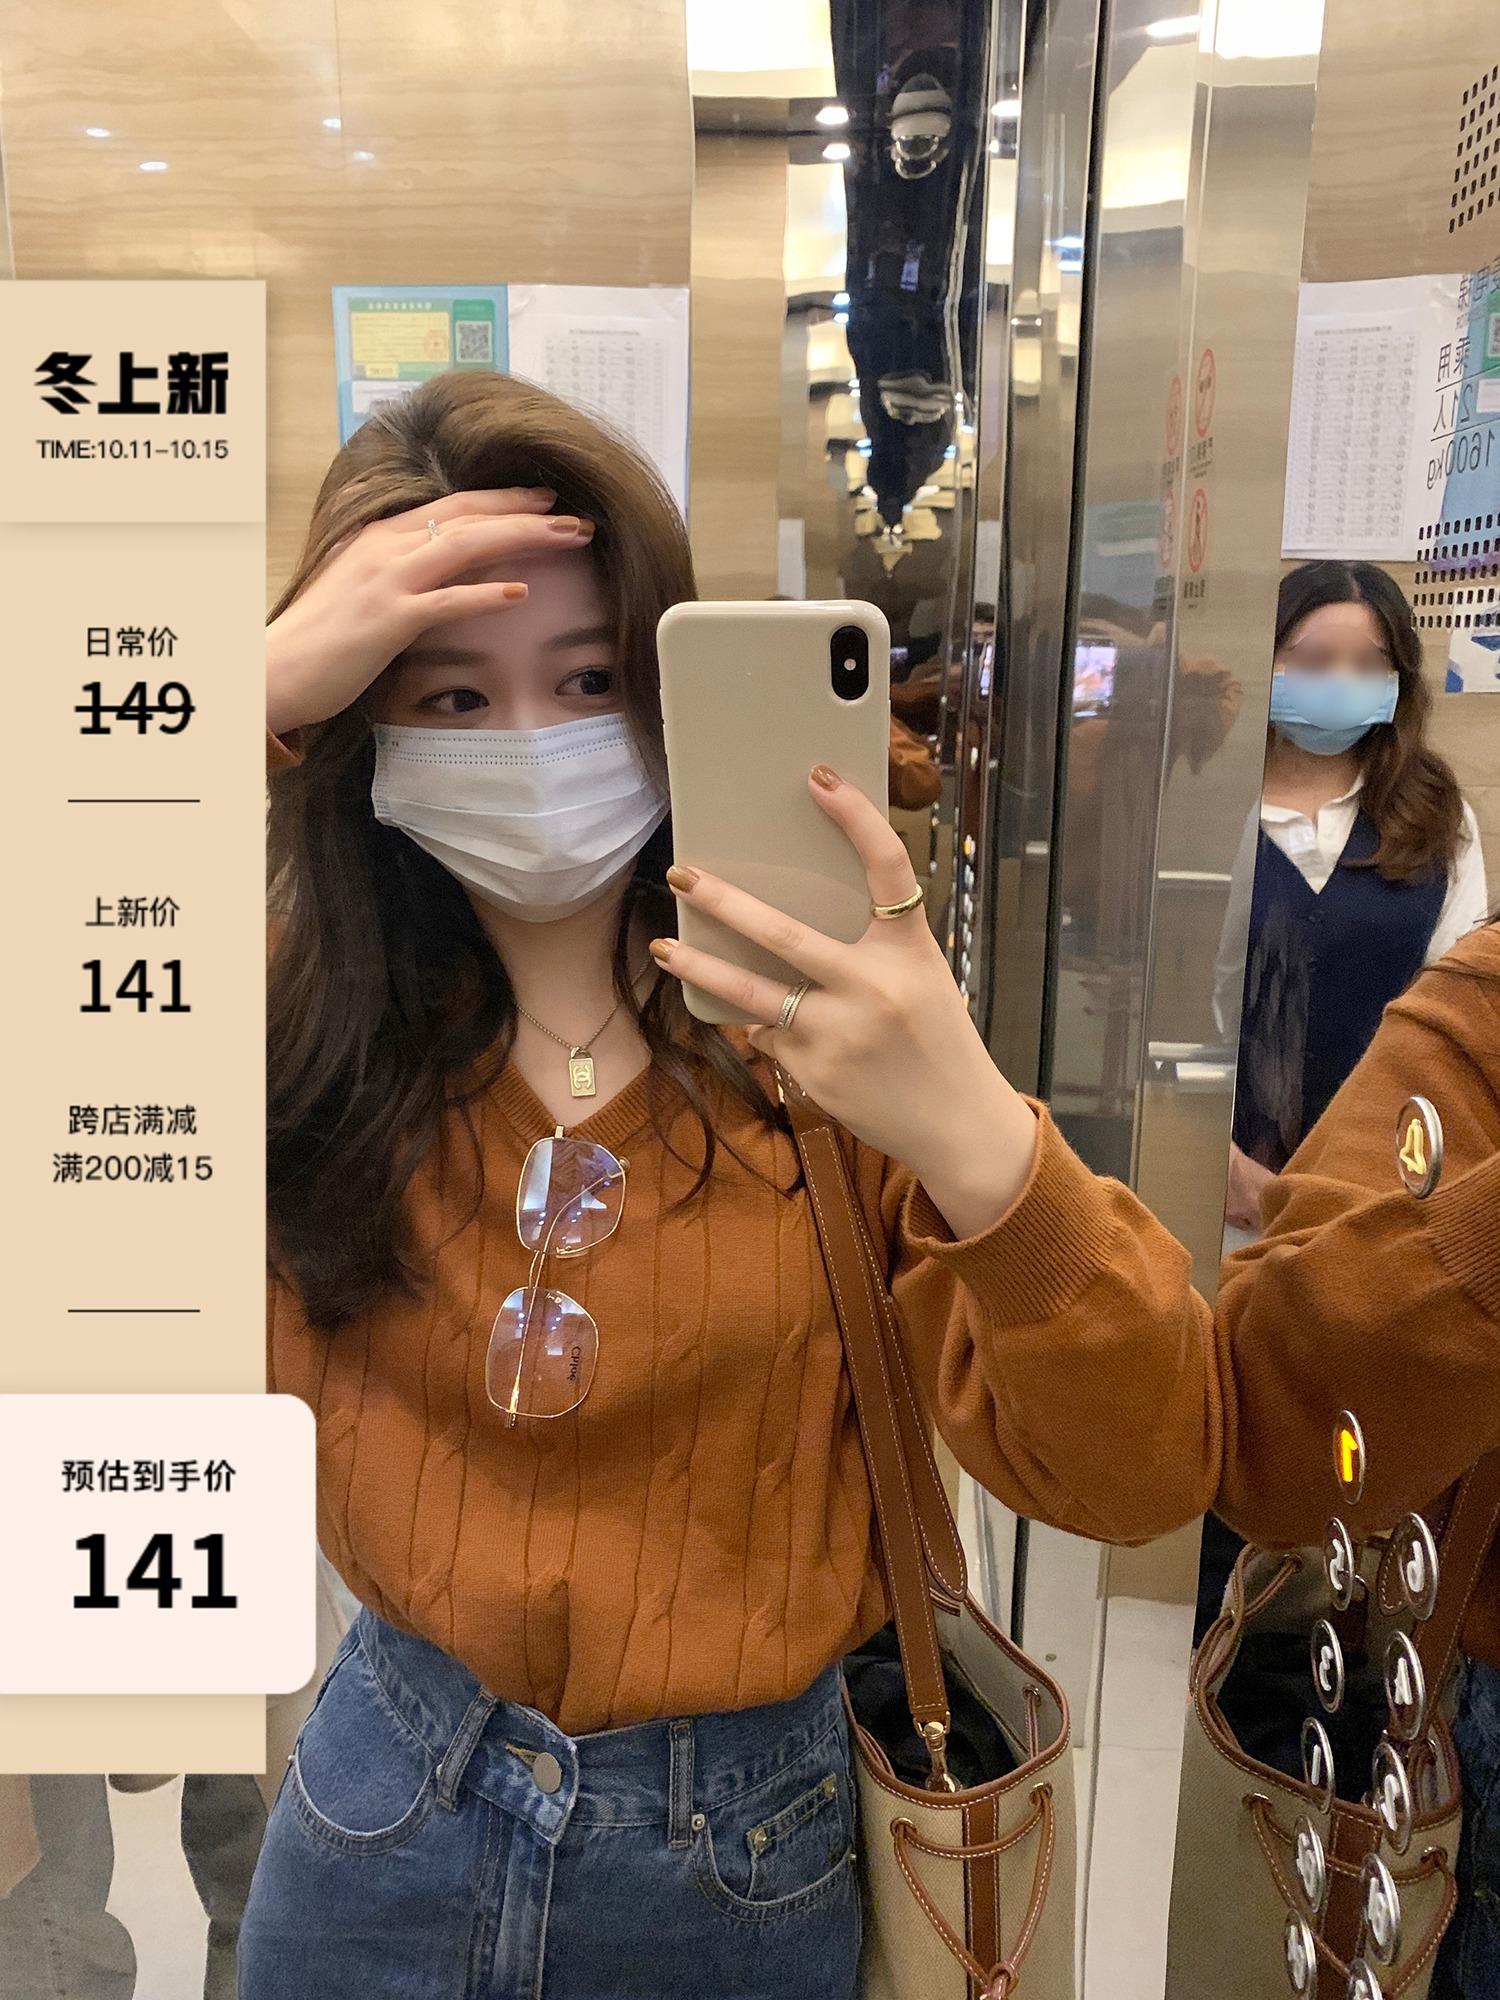 AHY v領麻花毛衣女2021秋冬新款韓版寬松軟糯針織衫顯瘦百搭上衣